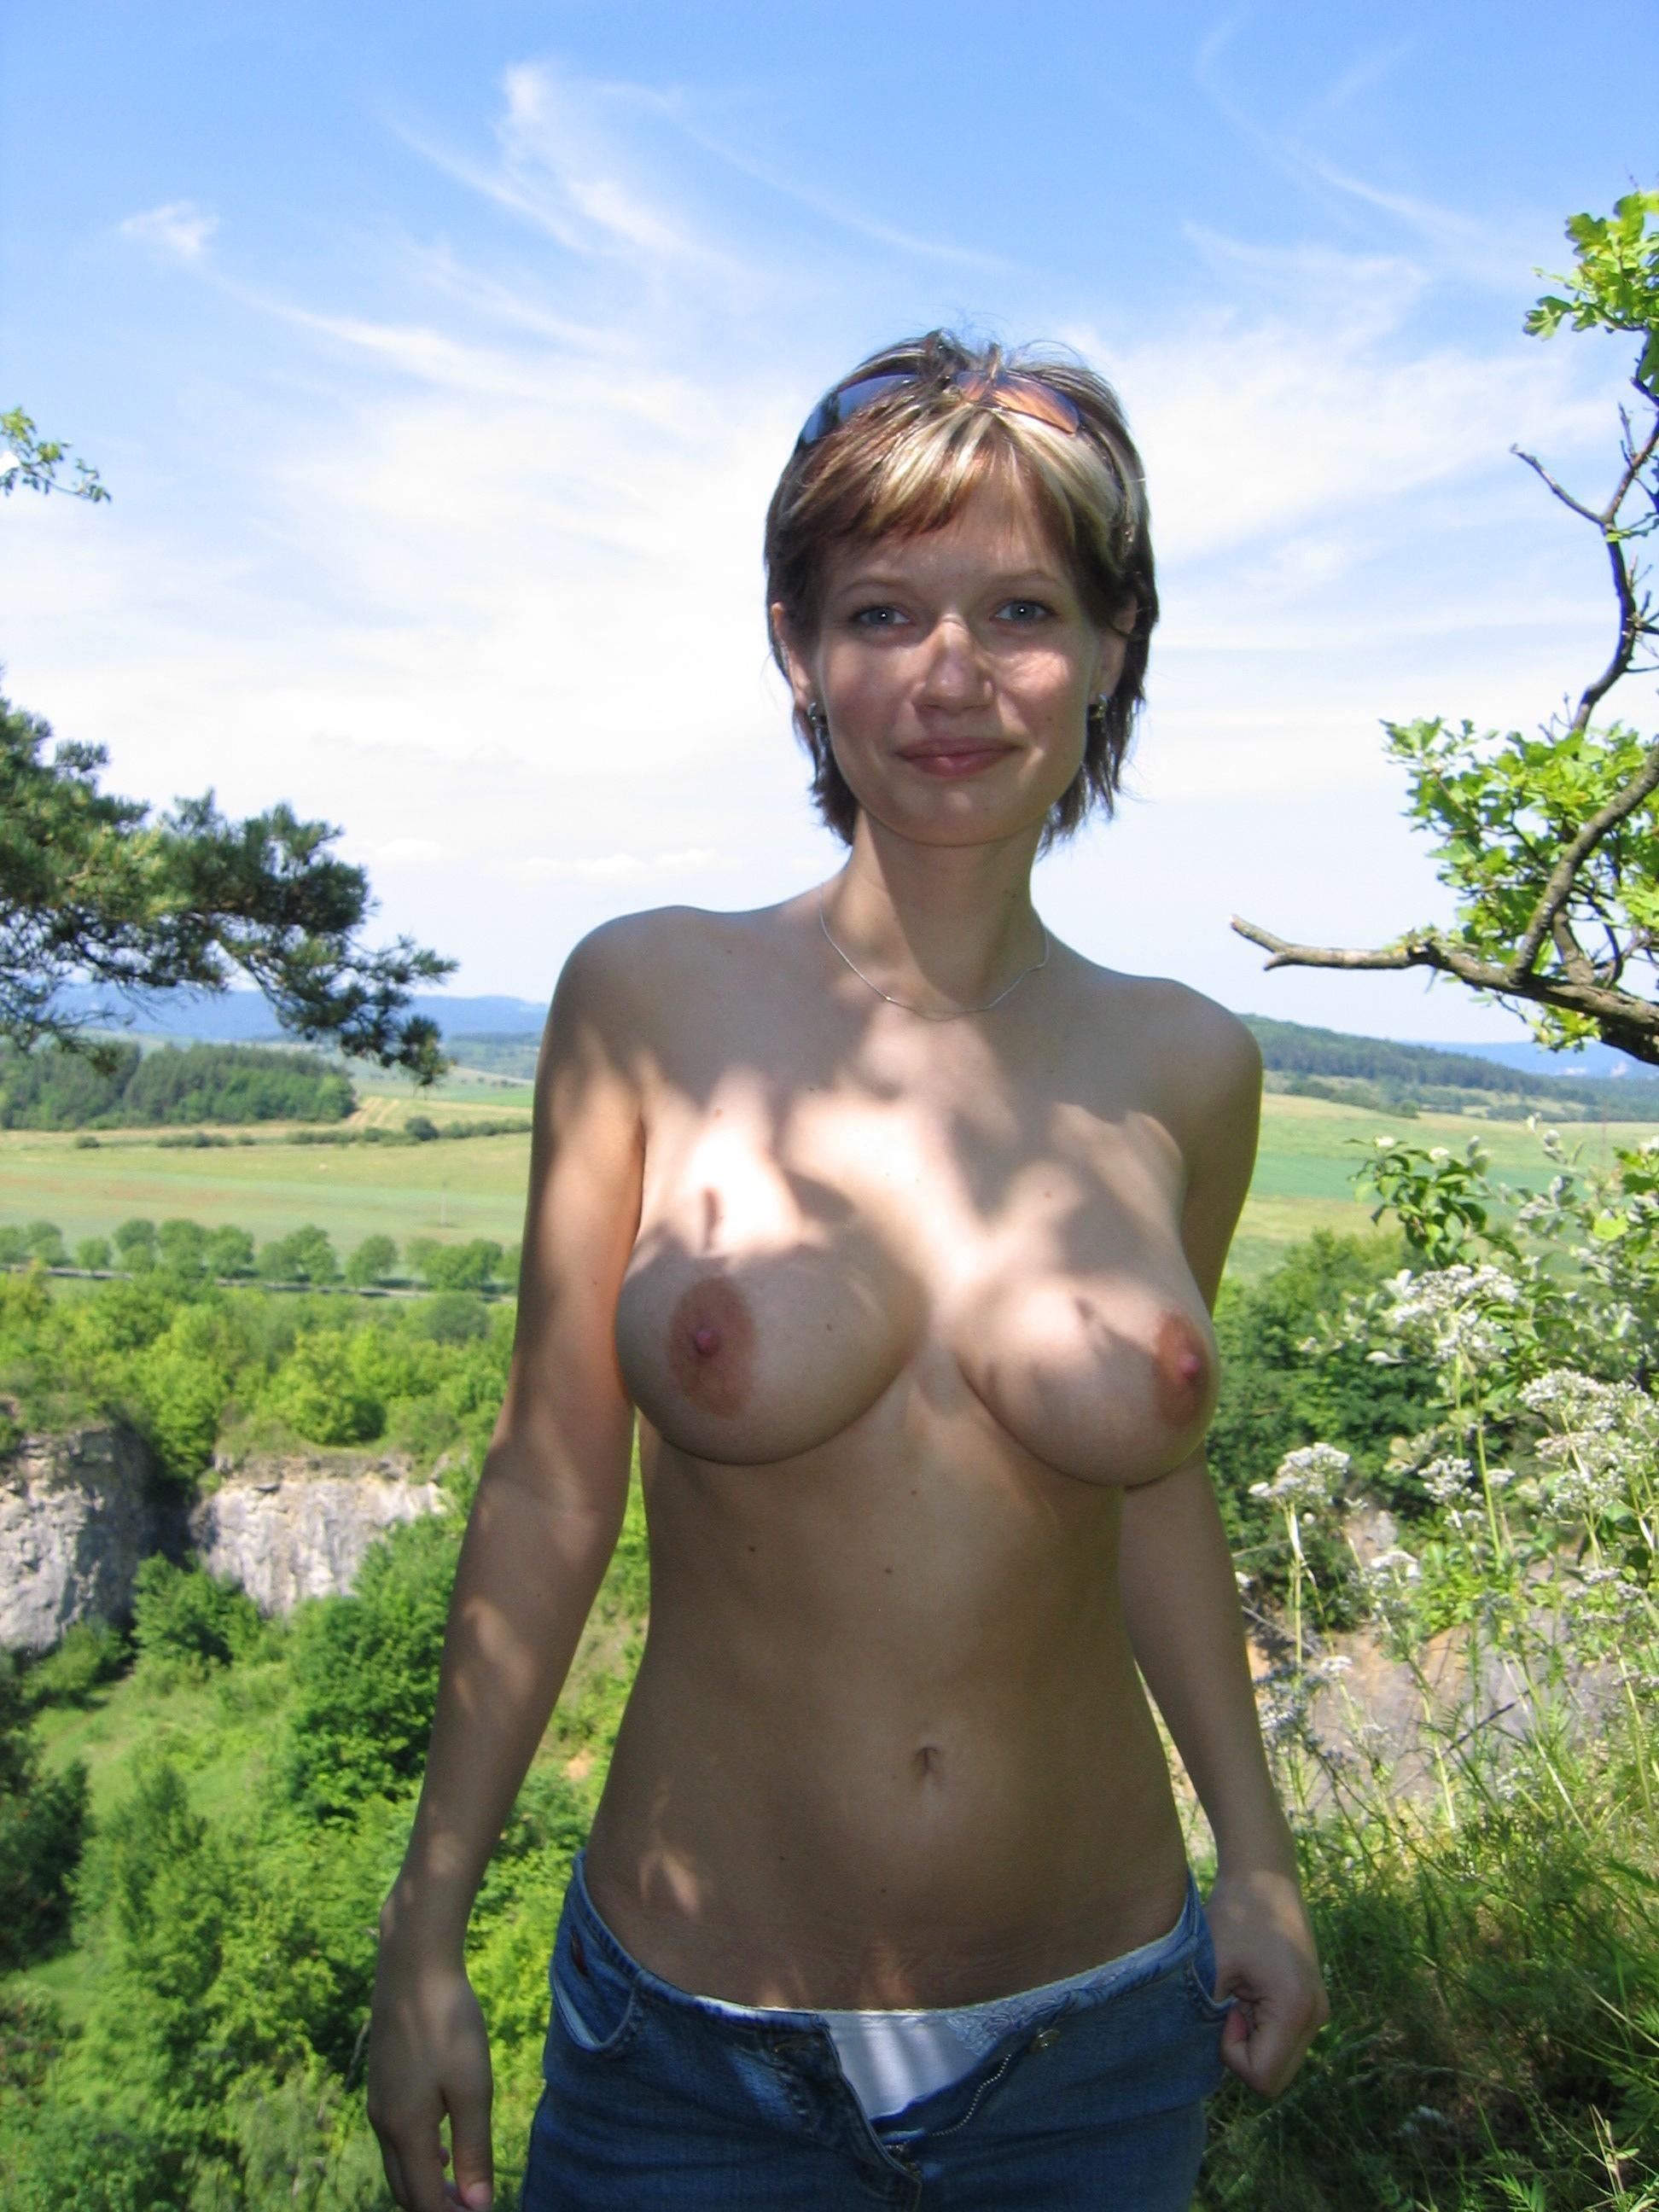 можно при голые девушки для знакомства могу